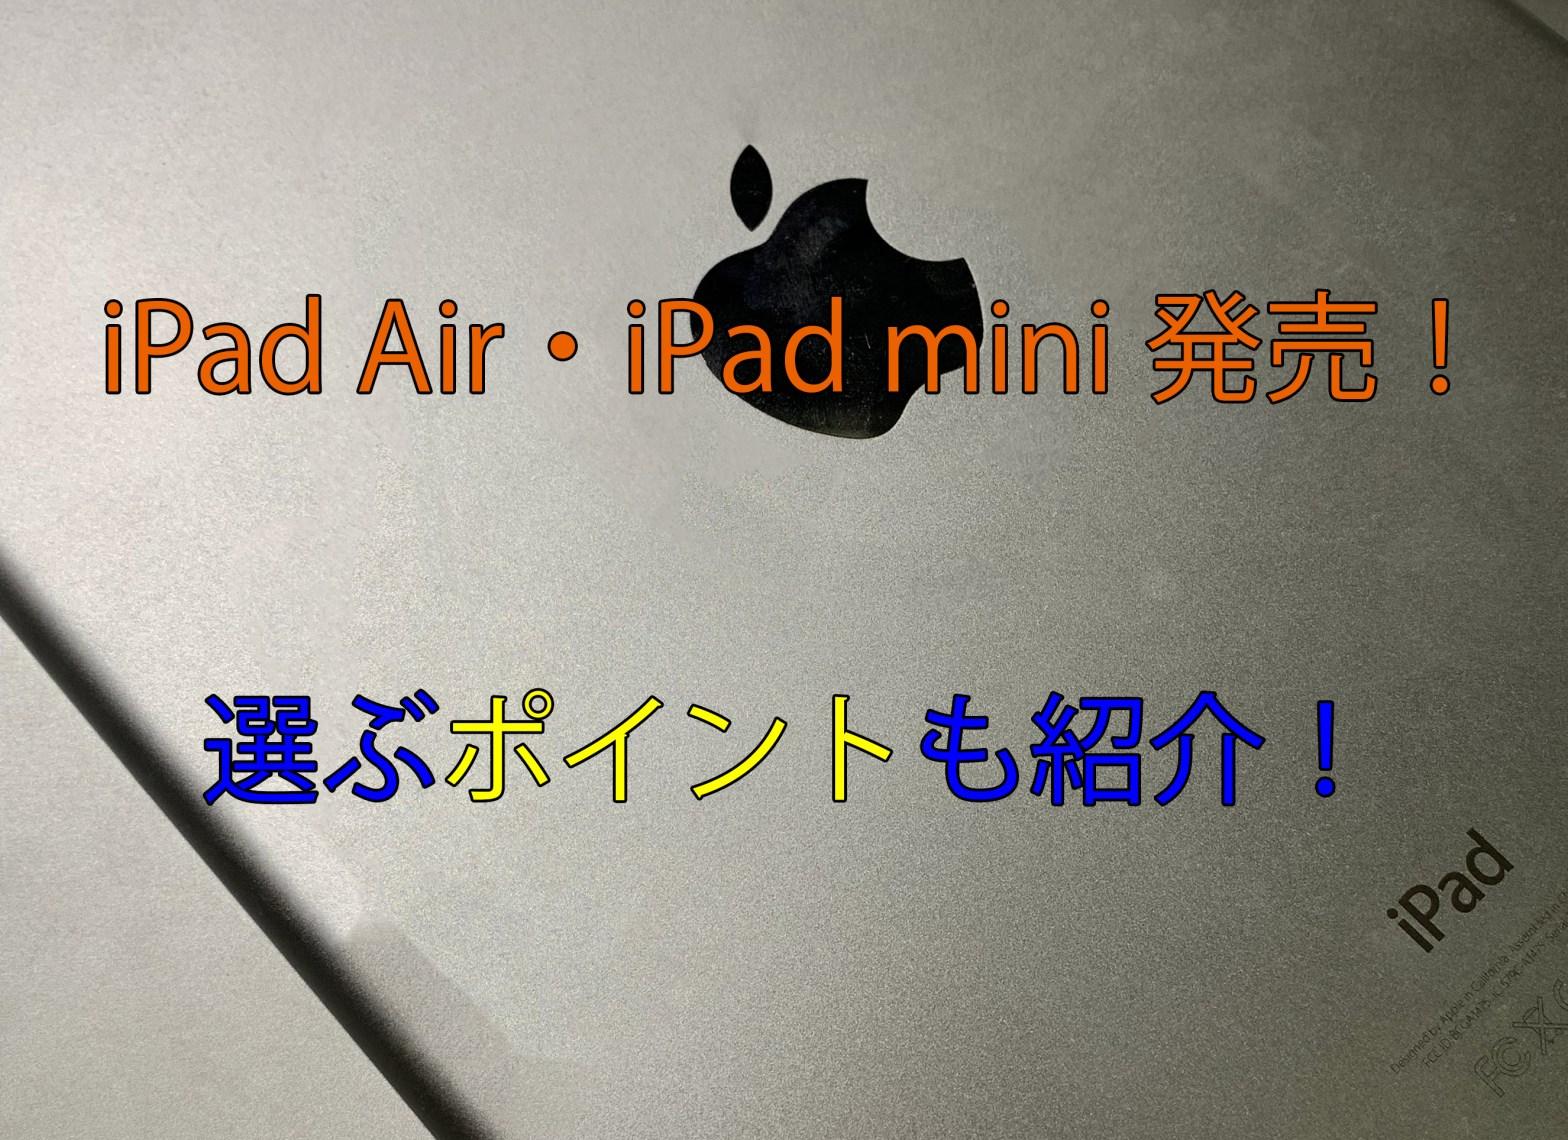 iPad Air・iPad mini発売!